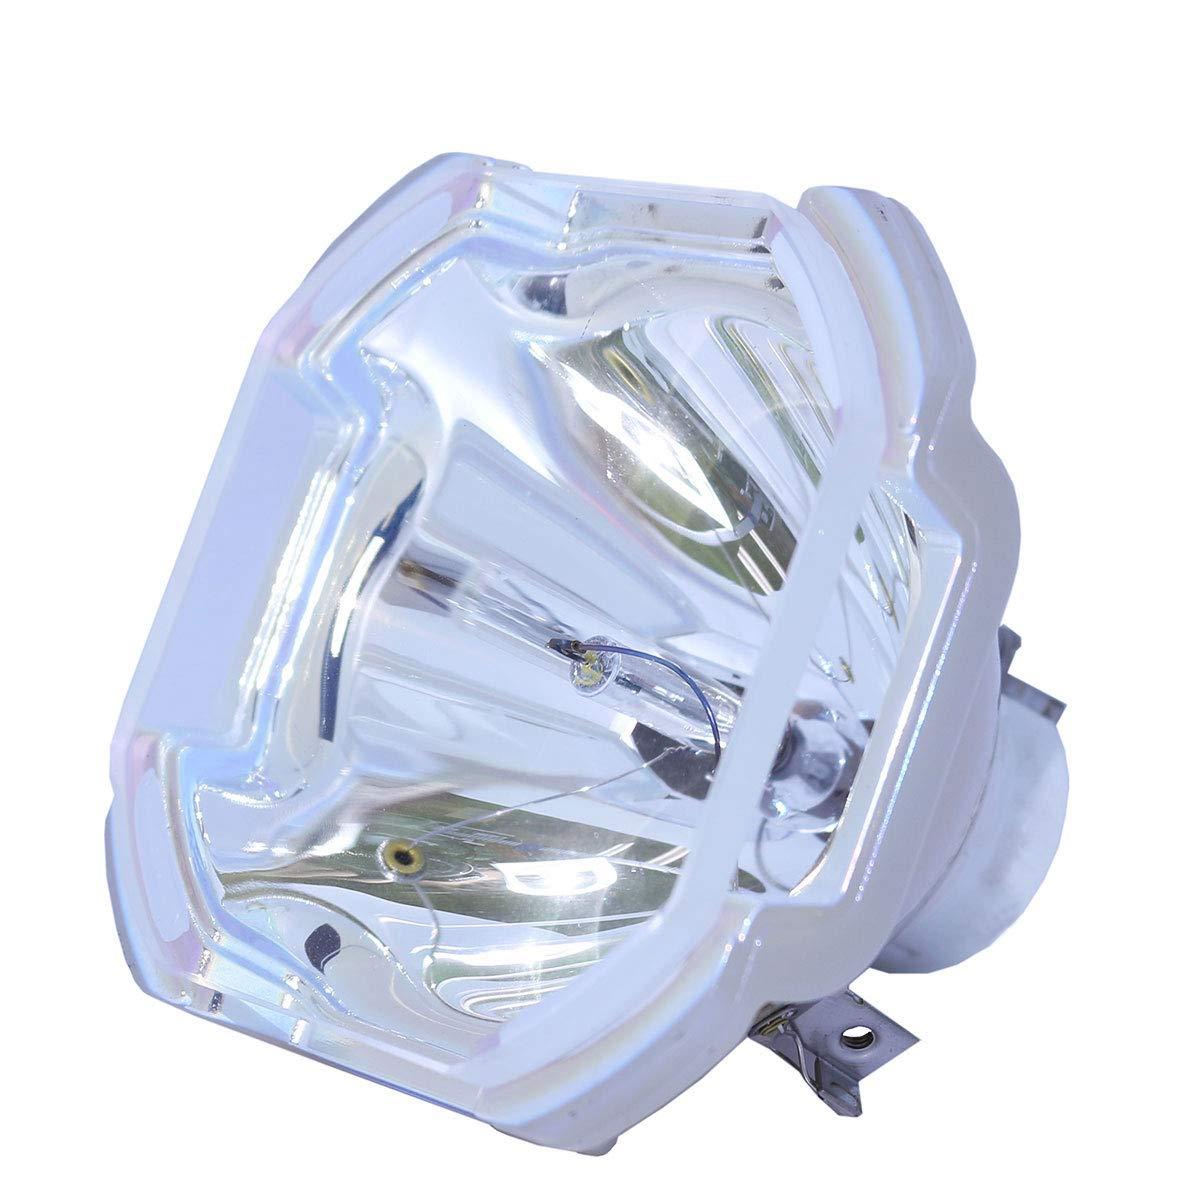 Lutema 交換用ランプ ハウジング/電球付き Panasonic ET-SLMP108用 Economy Economy Lamp Only B07KT8Q7BT